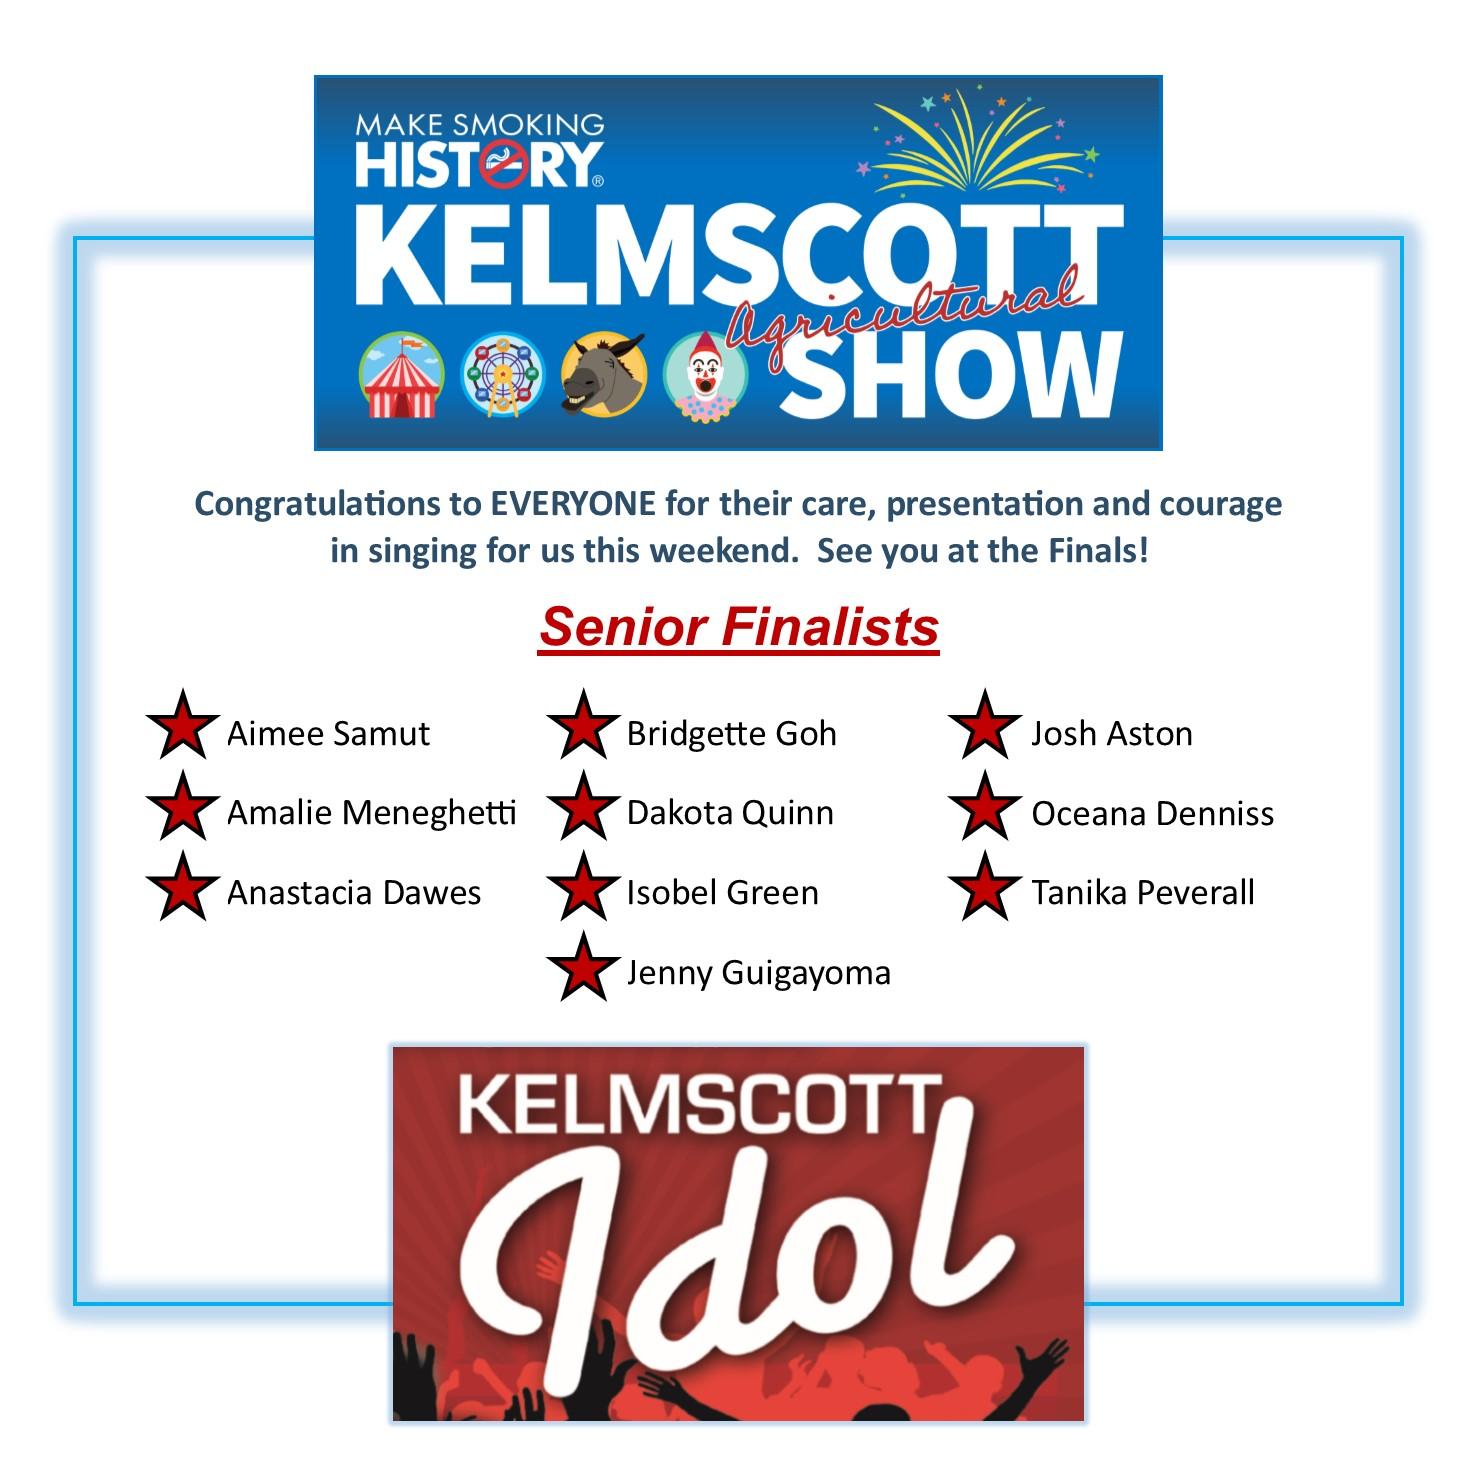 Kelmscott Idol Senior Finalists